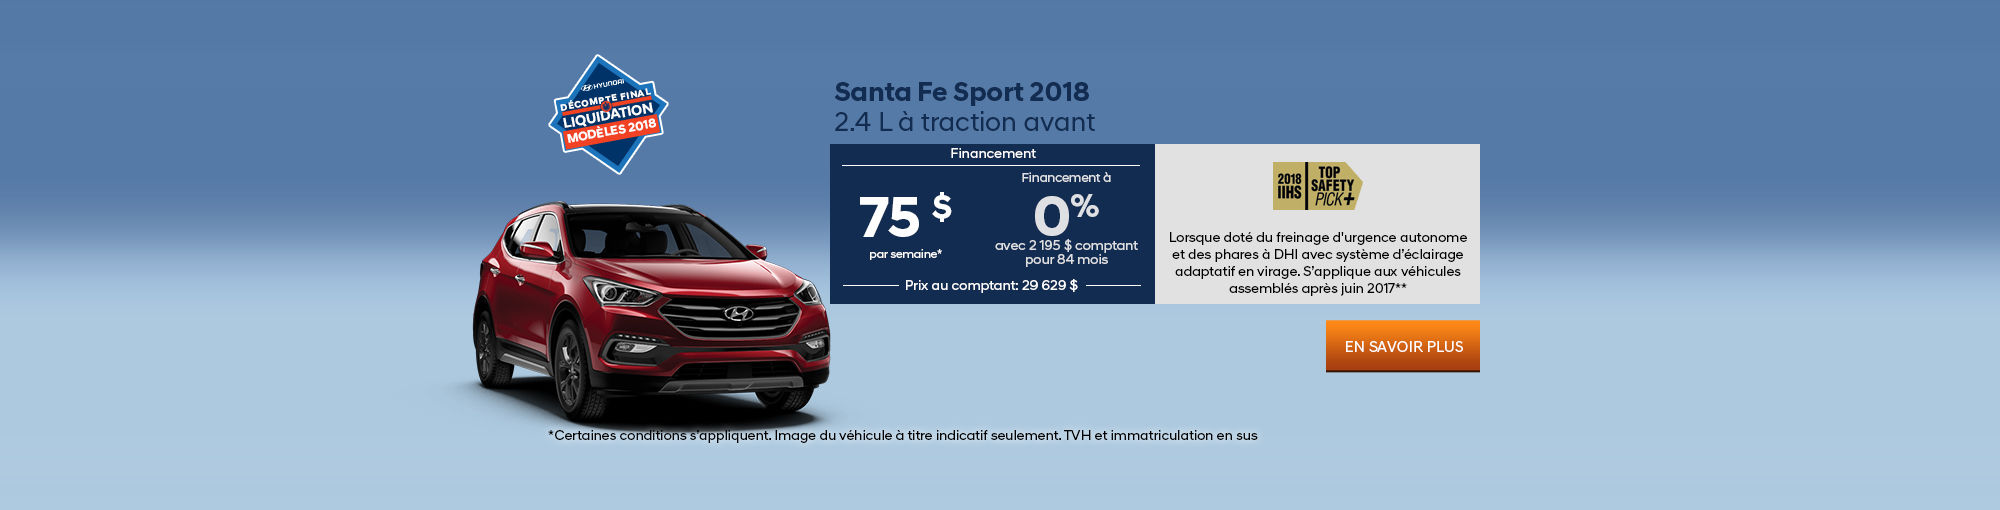 Santa Fe 2018